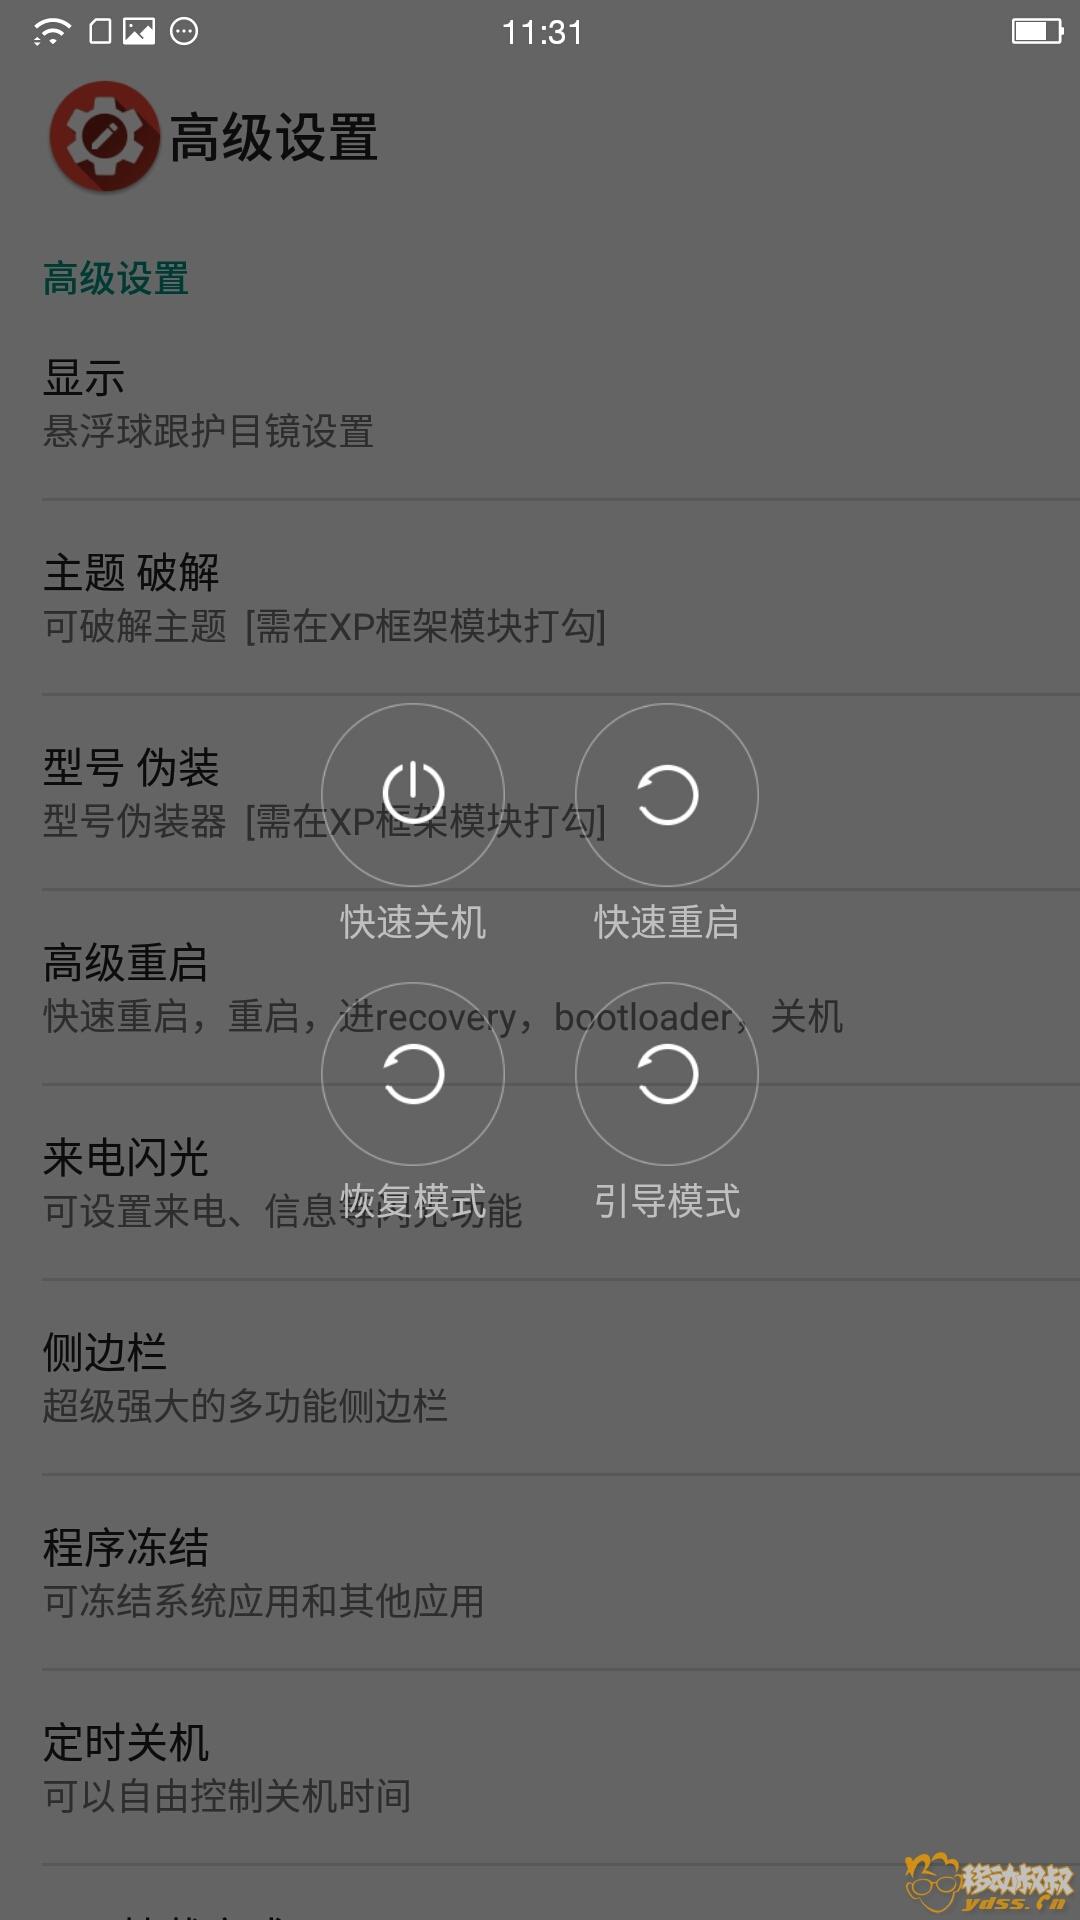 Screenshot_19700223-113134.jpg